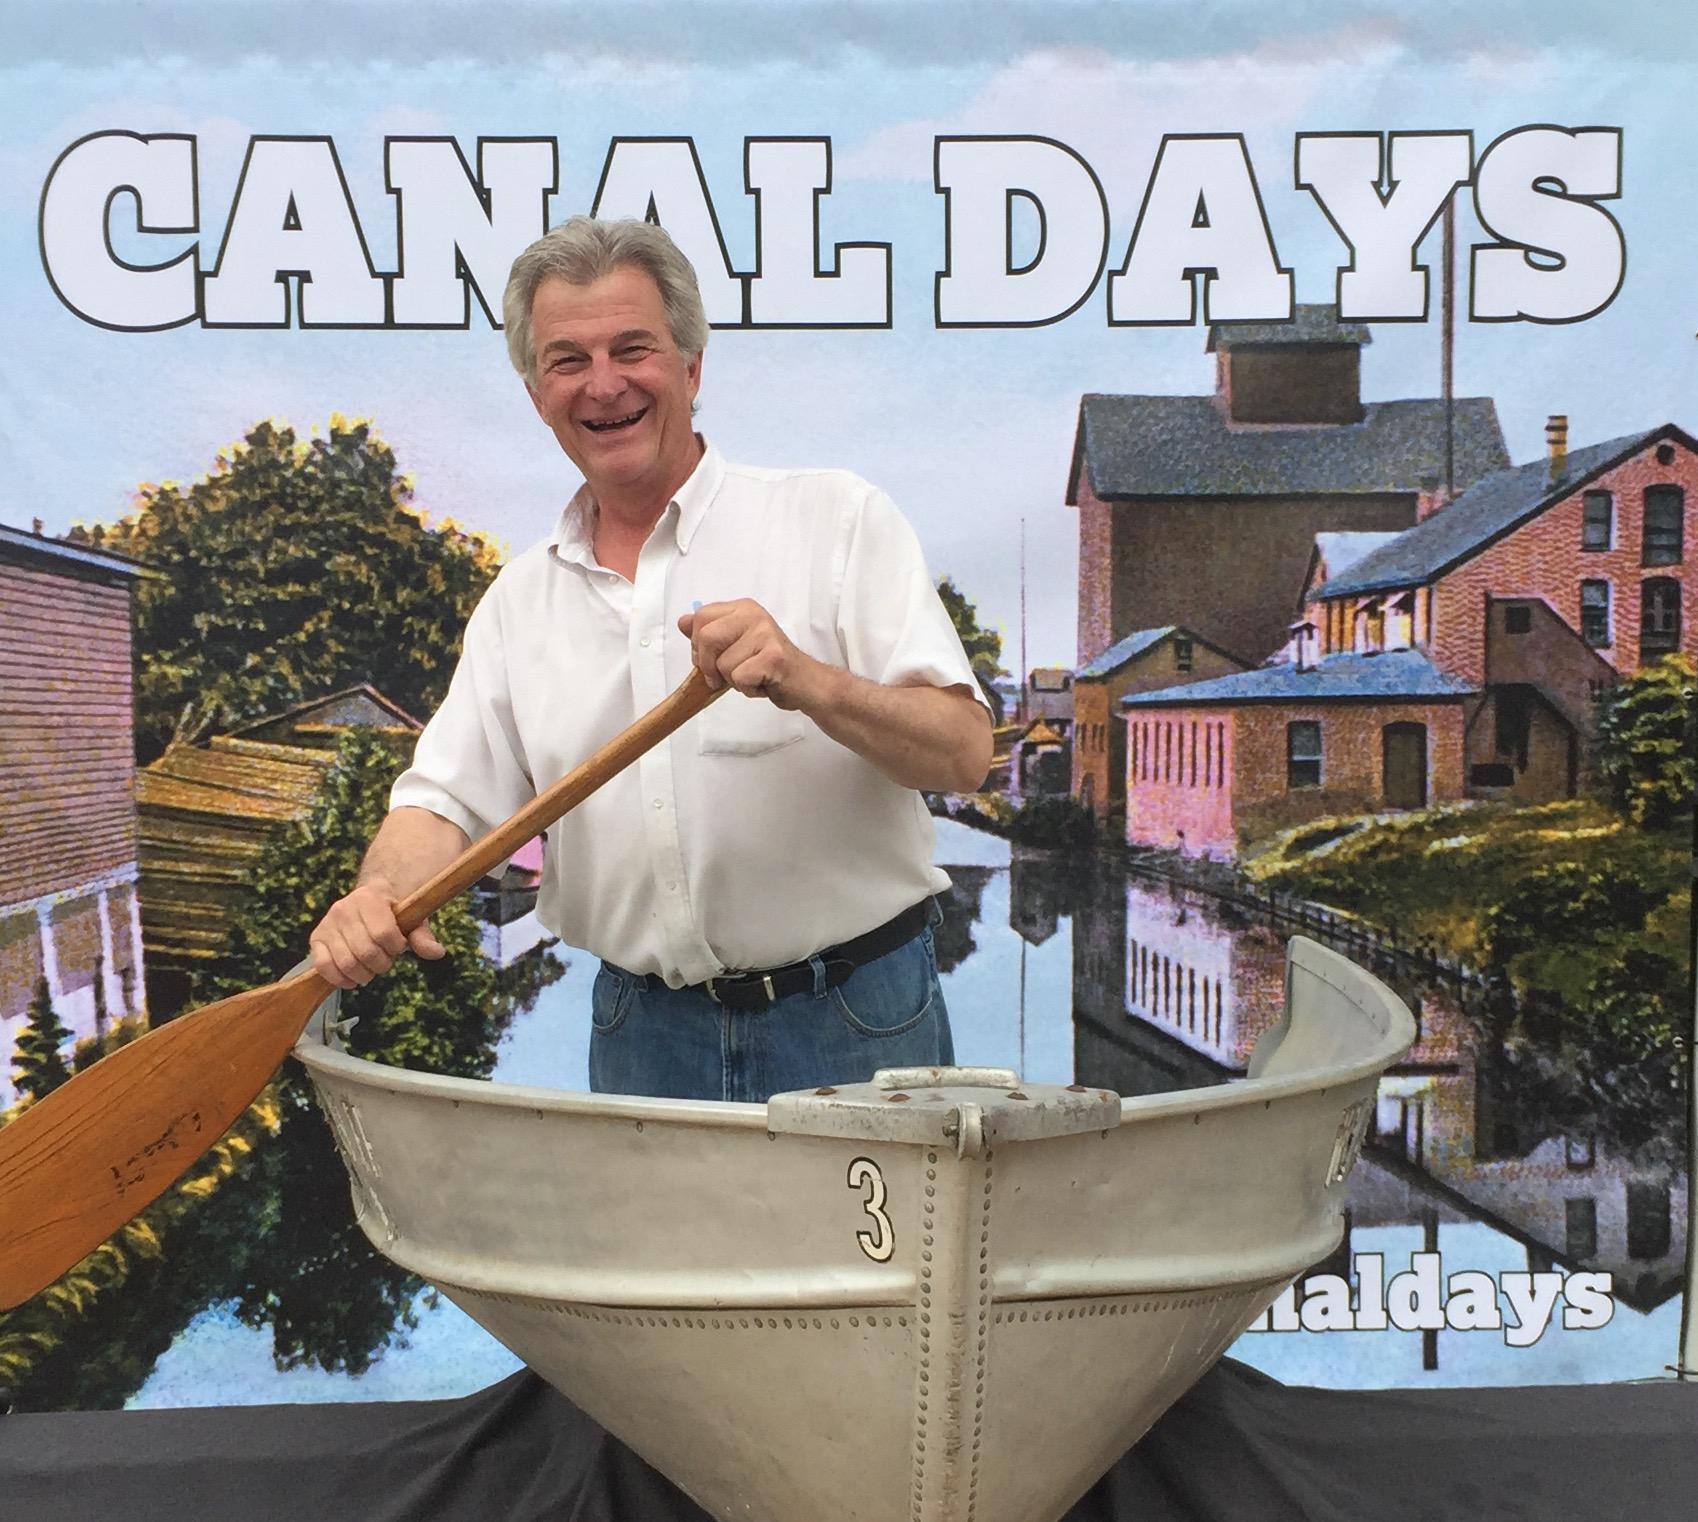 Canal Days portage wi